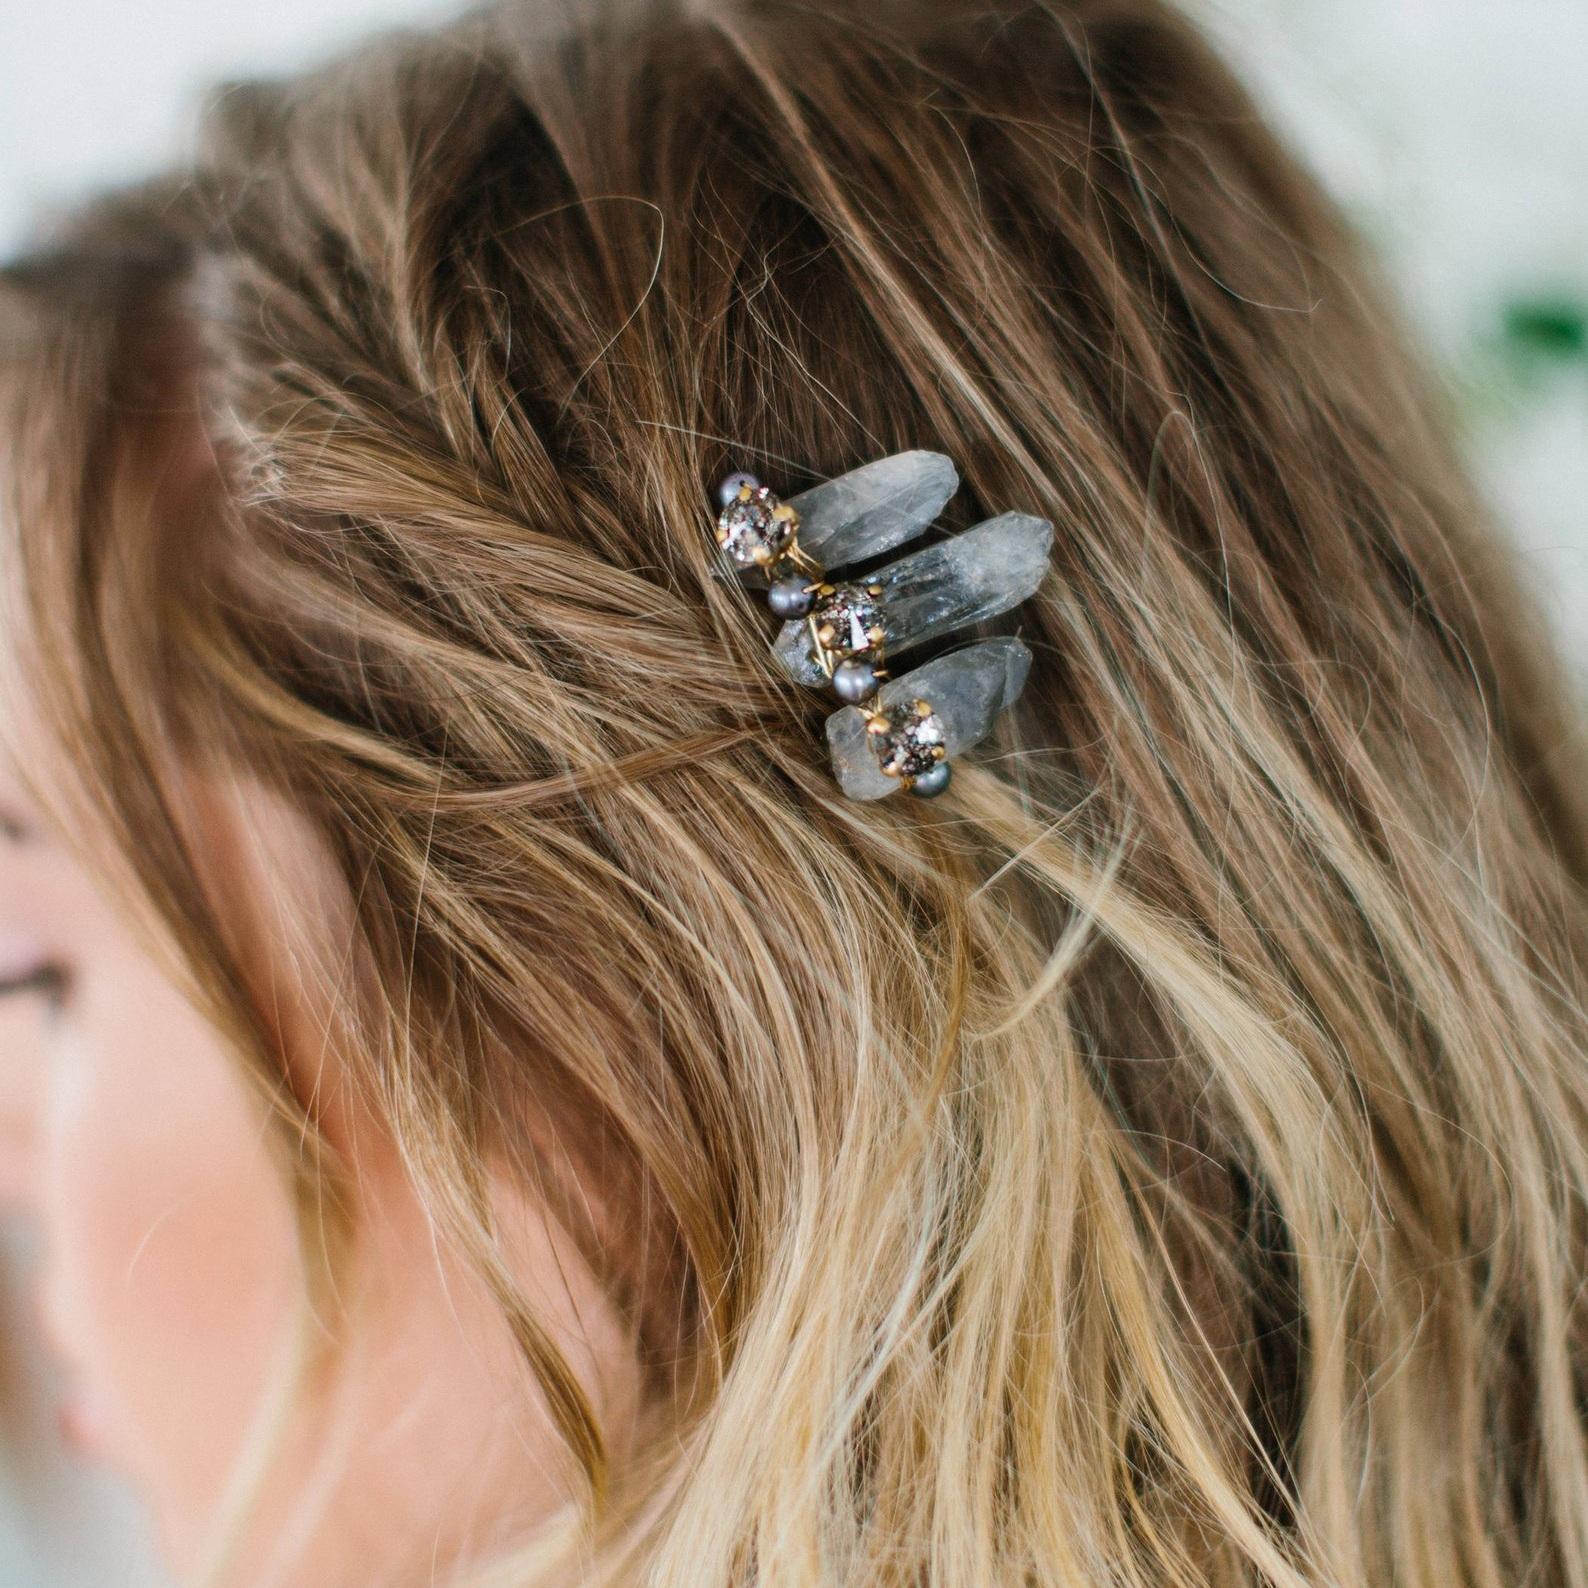 SIERRA smokey quartz Hair Comb - Etsy | $98